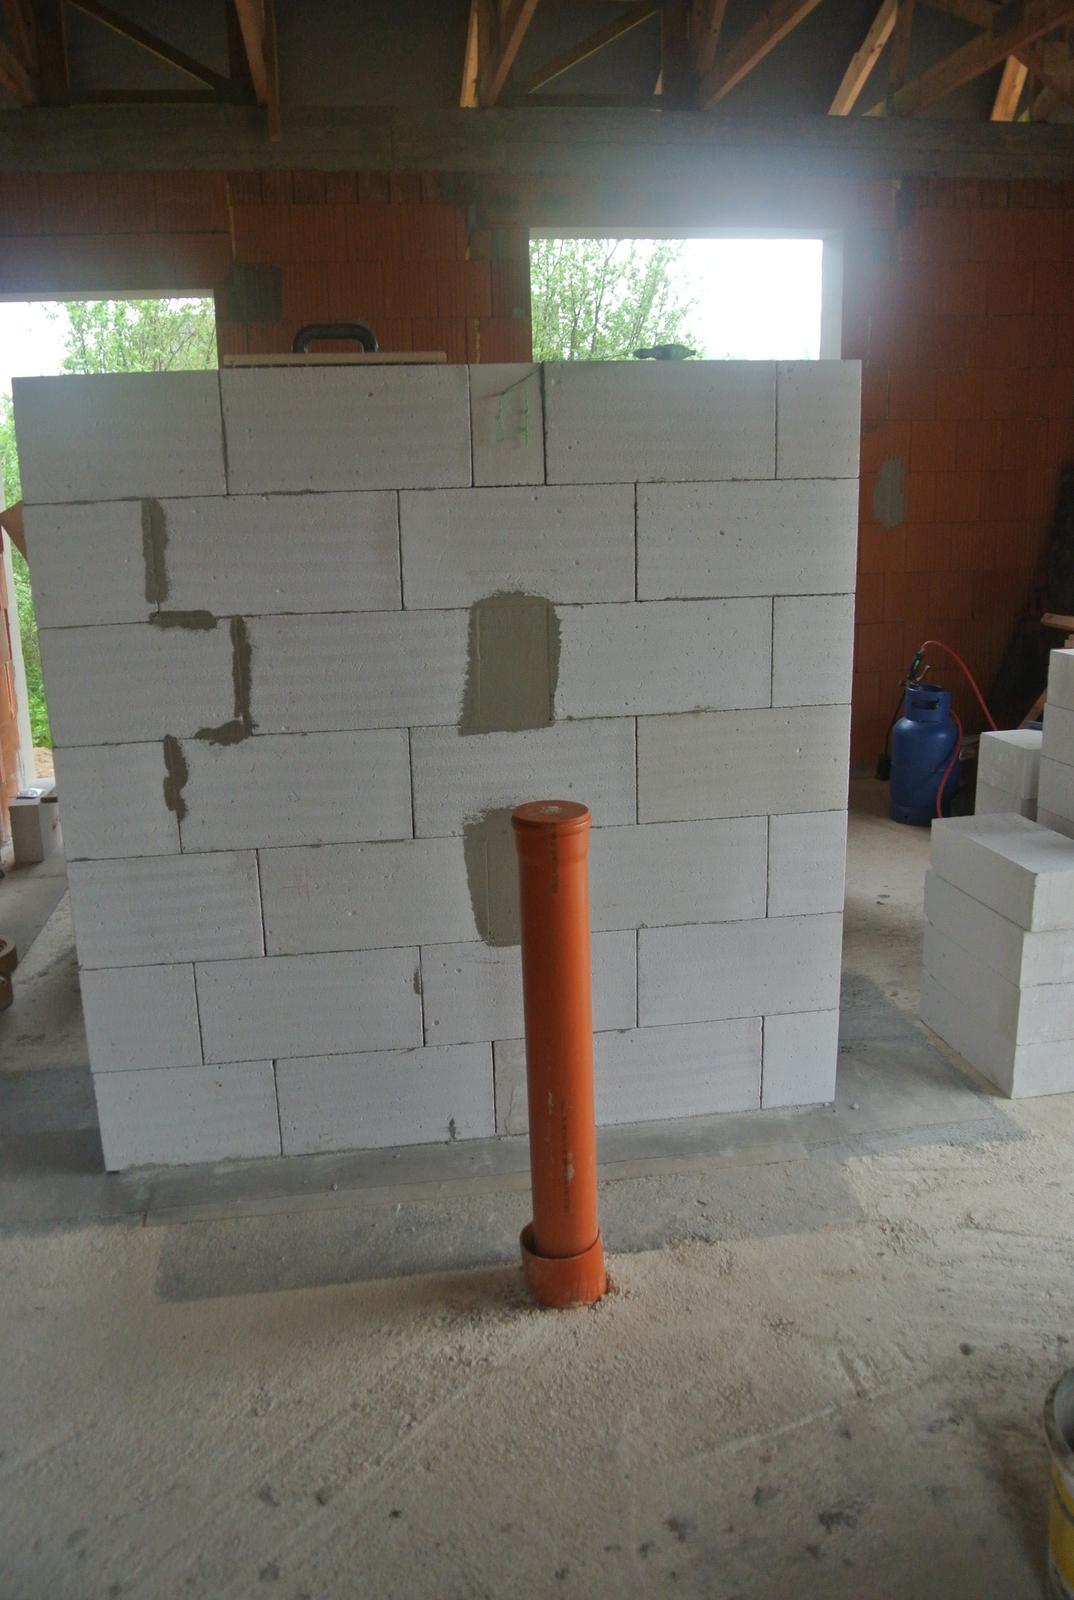 A bude domček ... - Z tejto strany bude postavená pec, rúra je externý prívod vzduchu do pece.